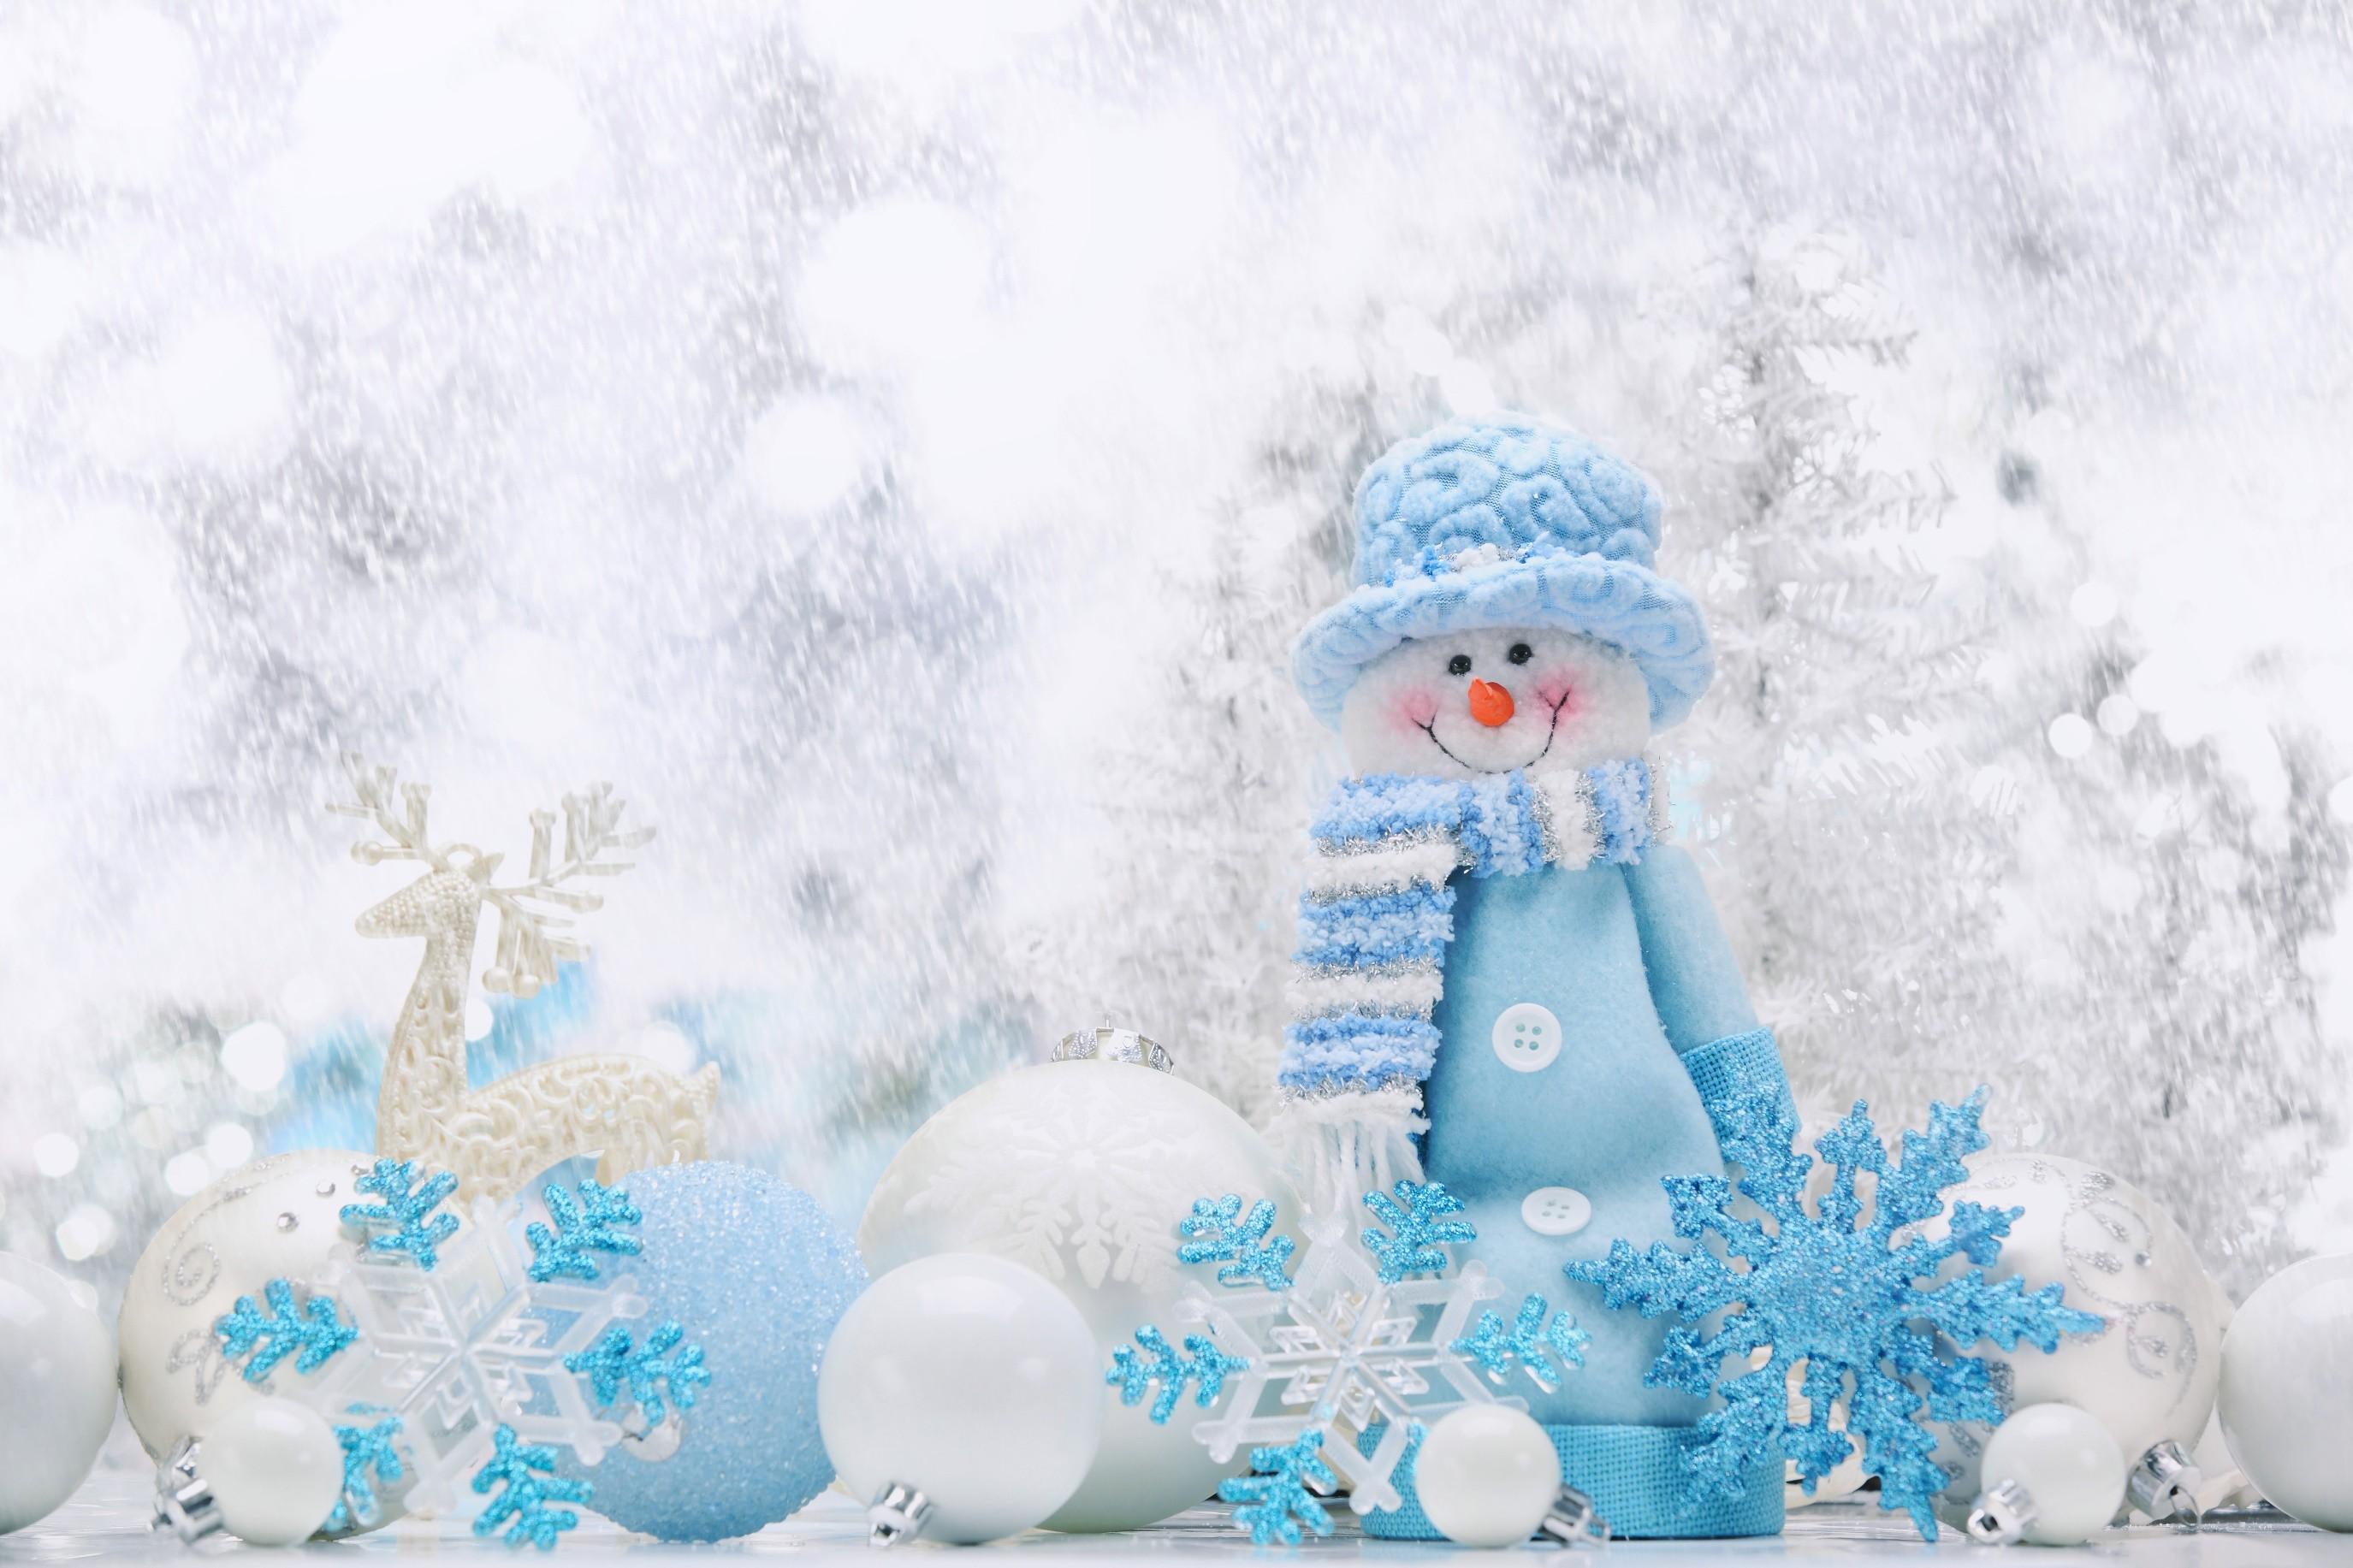 デスクトップ壁紙 冬 青 氷 雪だるま クリスマス 凍結 天気